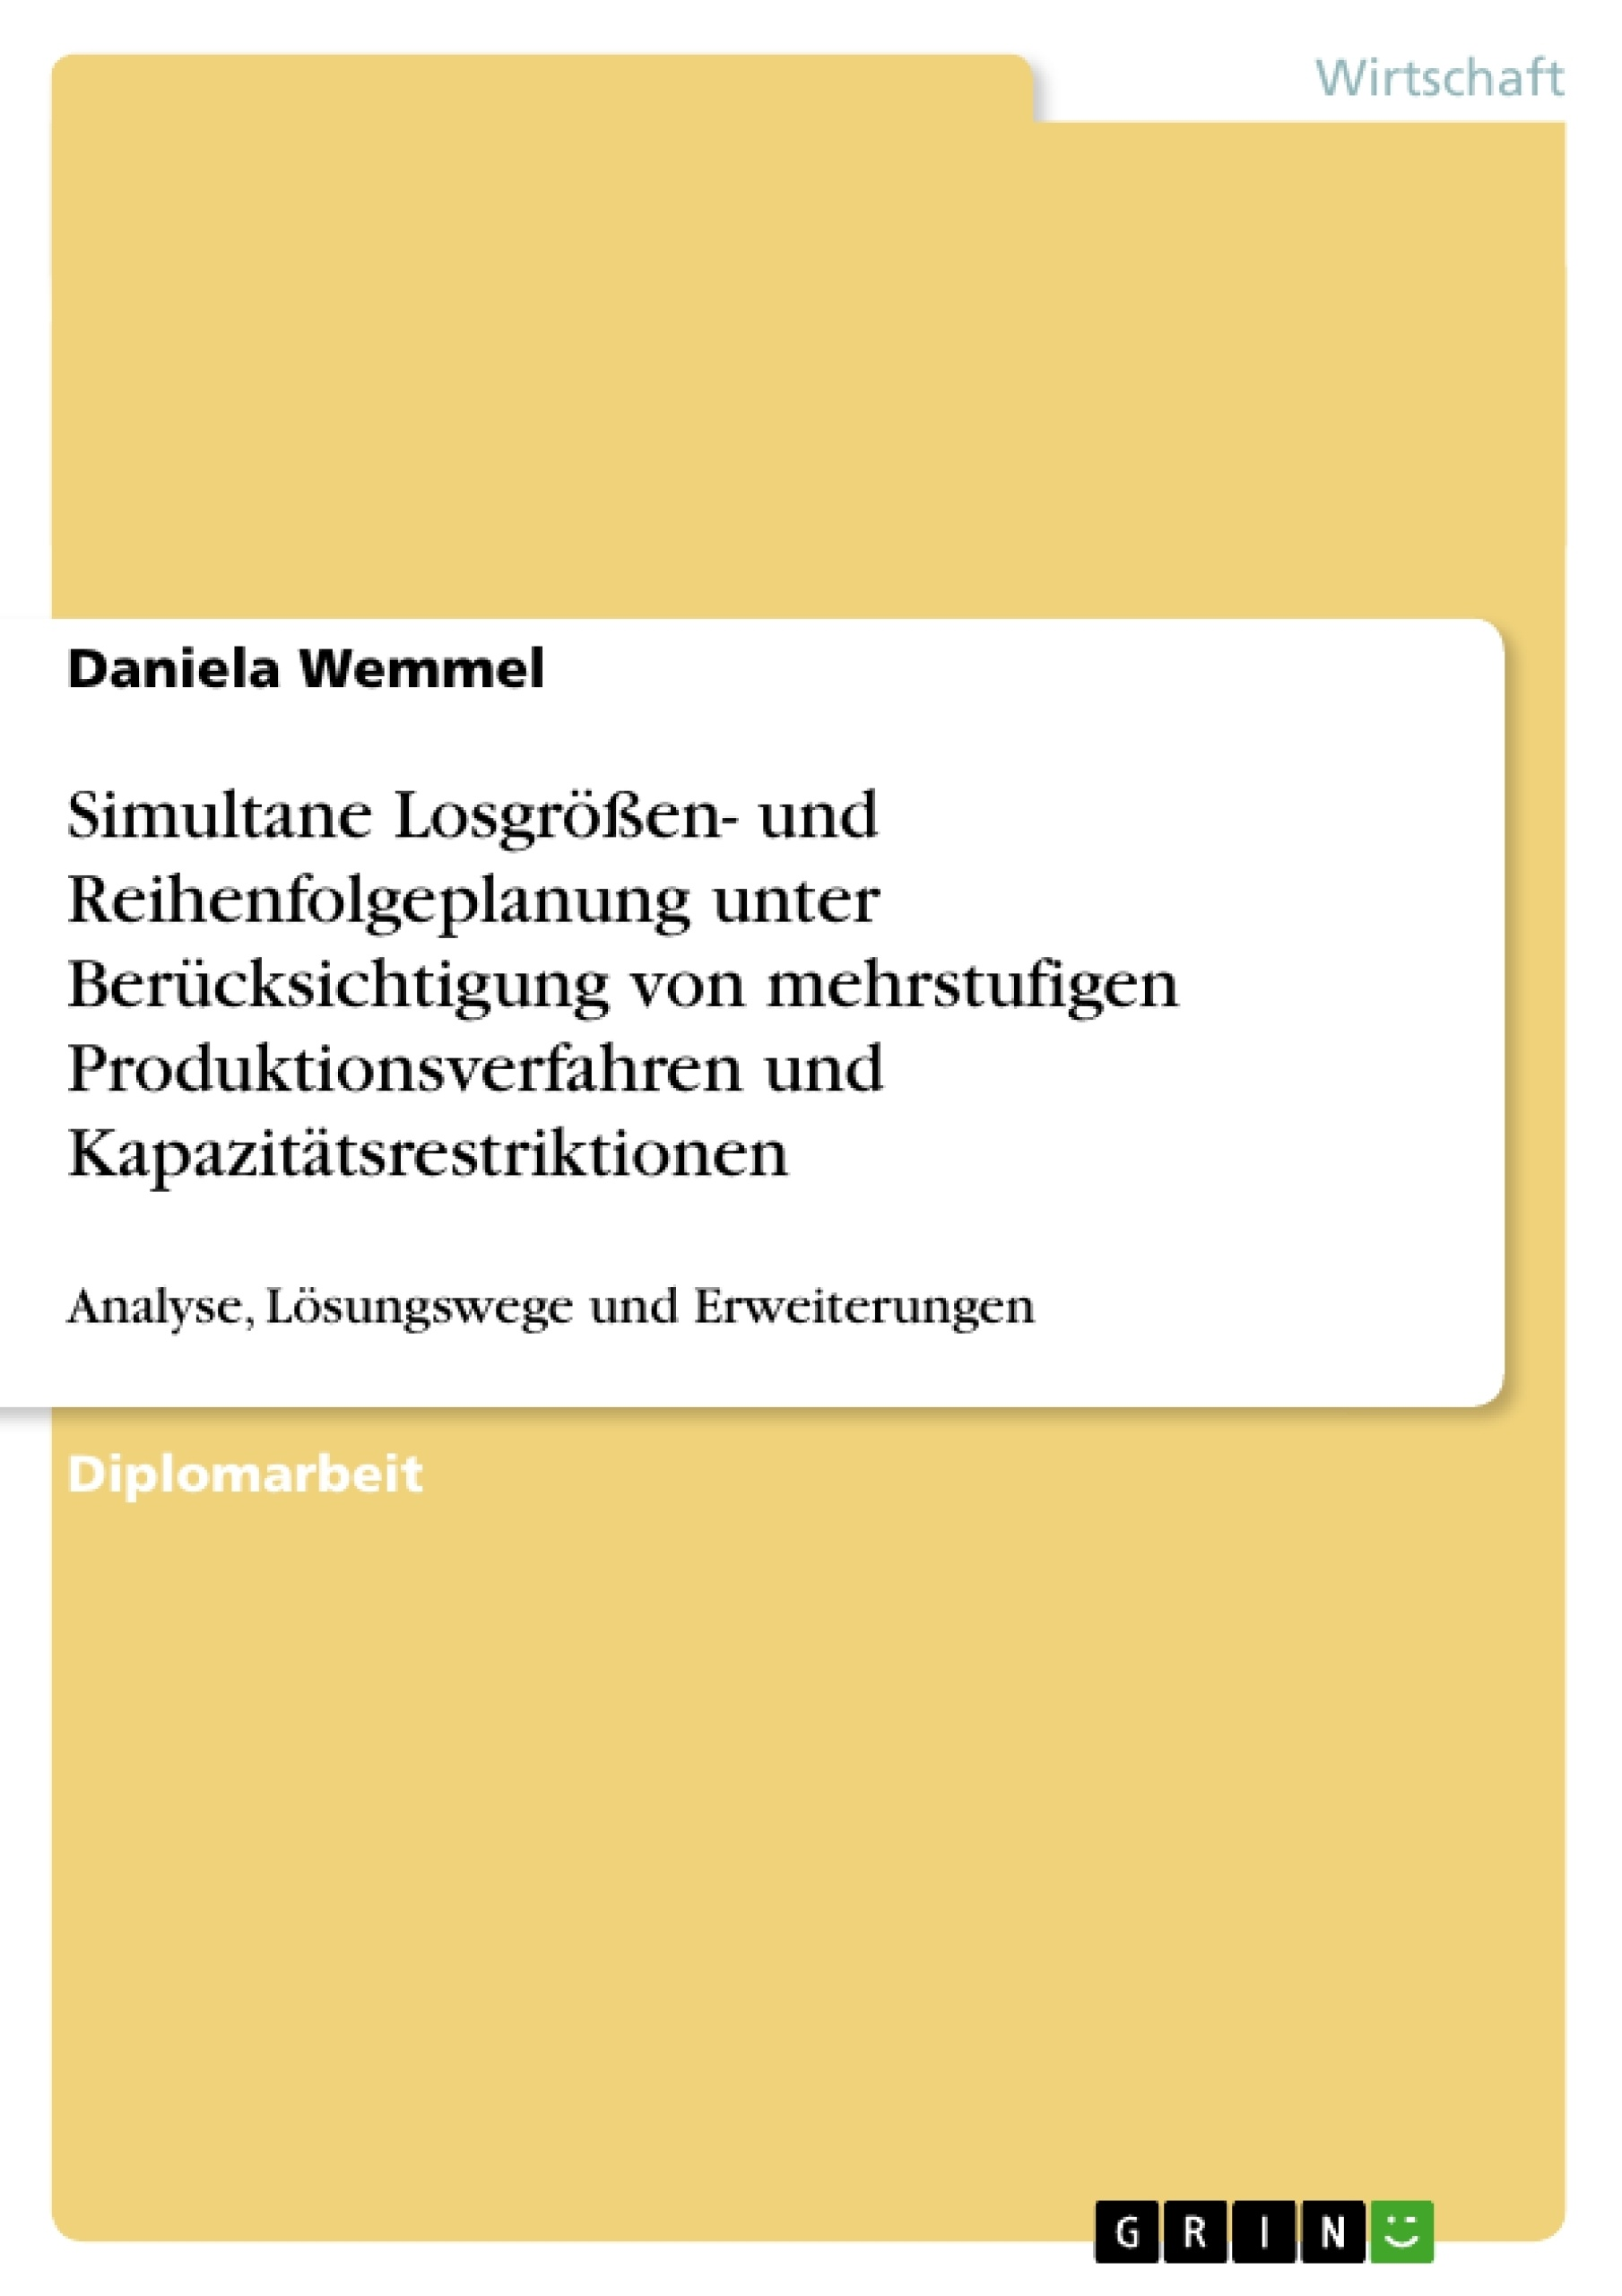 Titel: Simultane Losgrößen- und Reihenfolgeplanung unter Berücksichtigung von mehrstufigen Produktionsverfahren und Kapazitätsrestriktionen